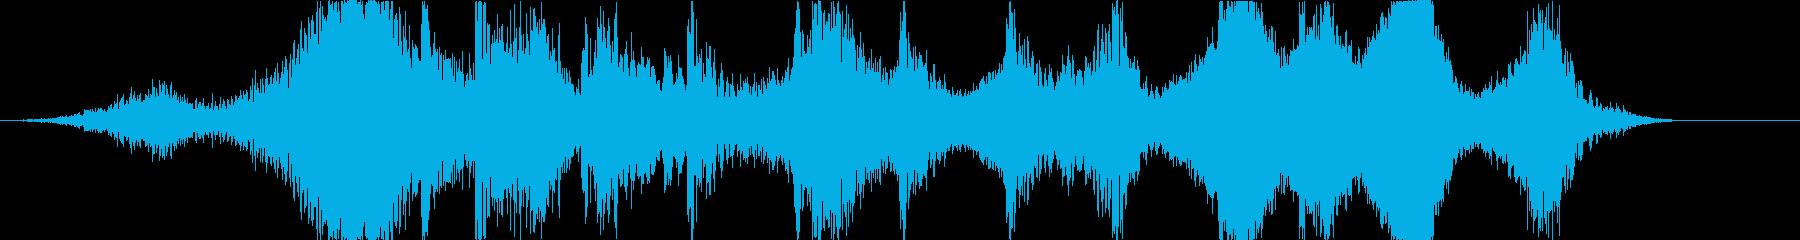 世紀末に合うホラージングルの再生済みの波形